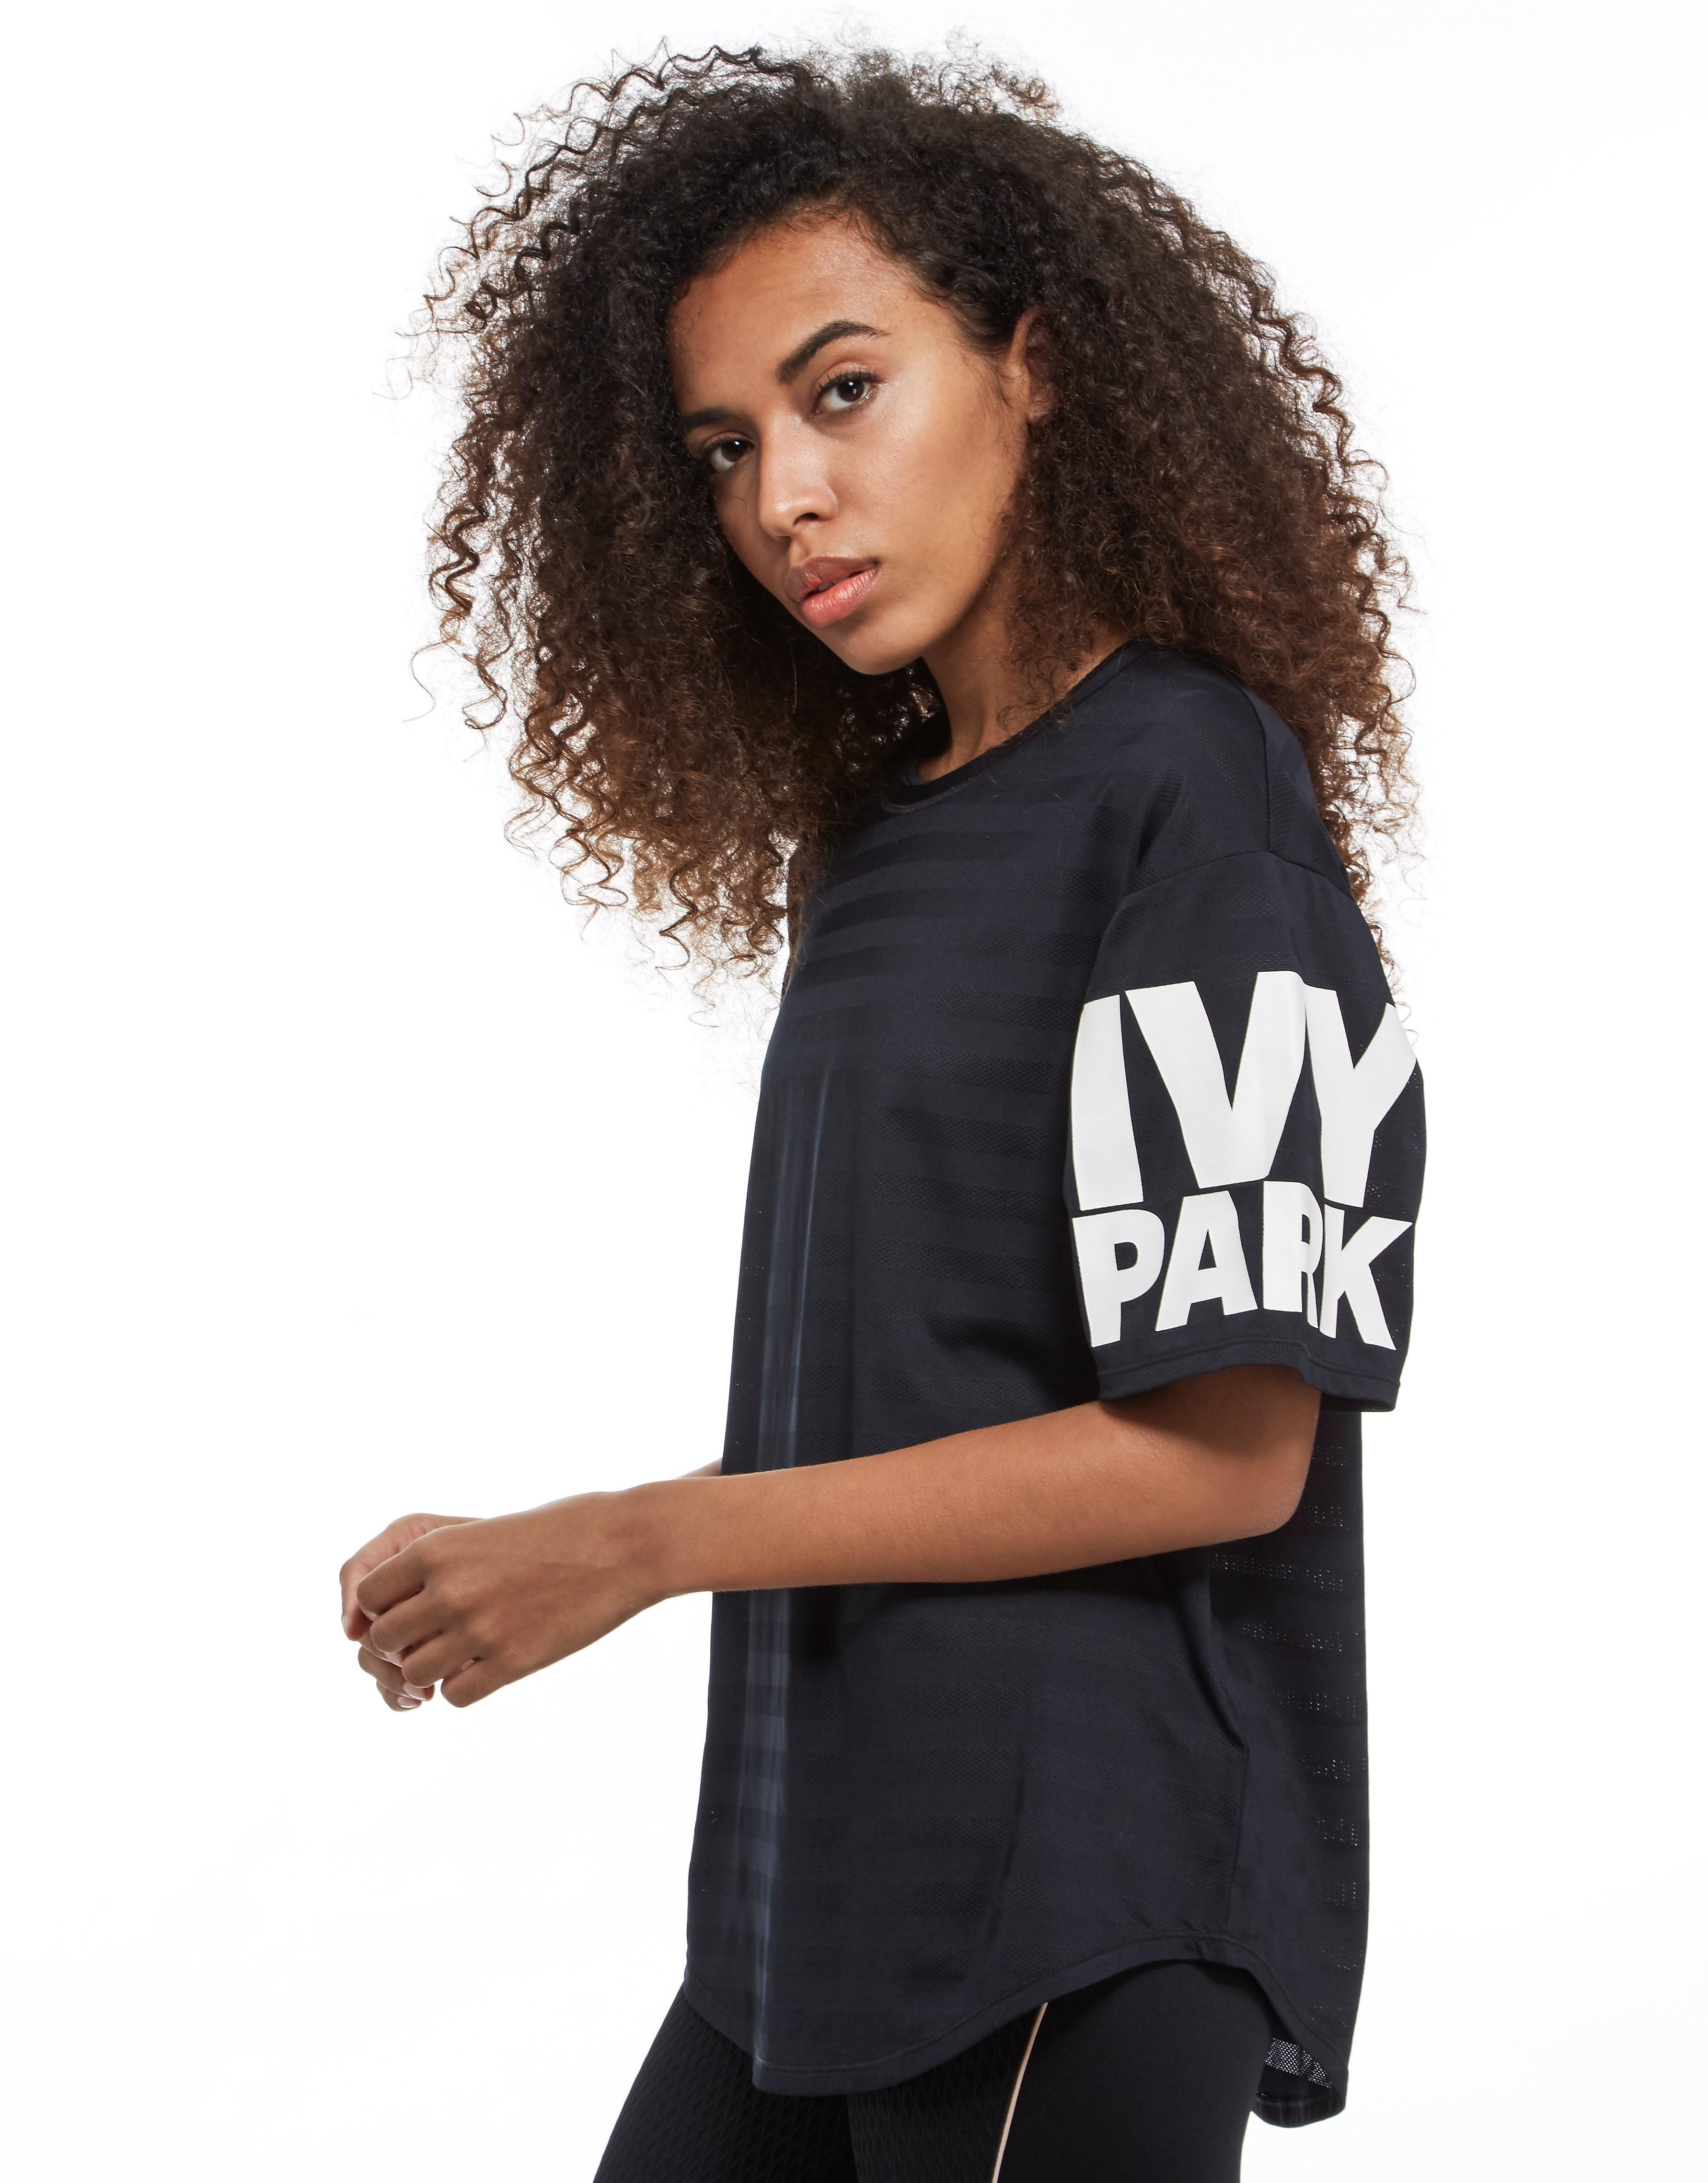 IVY PARK Stripe Mesh T-Shirt